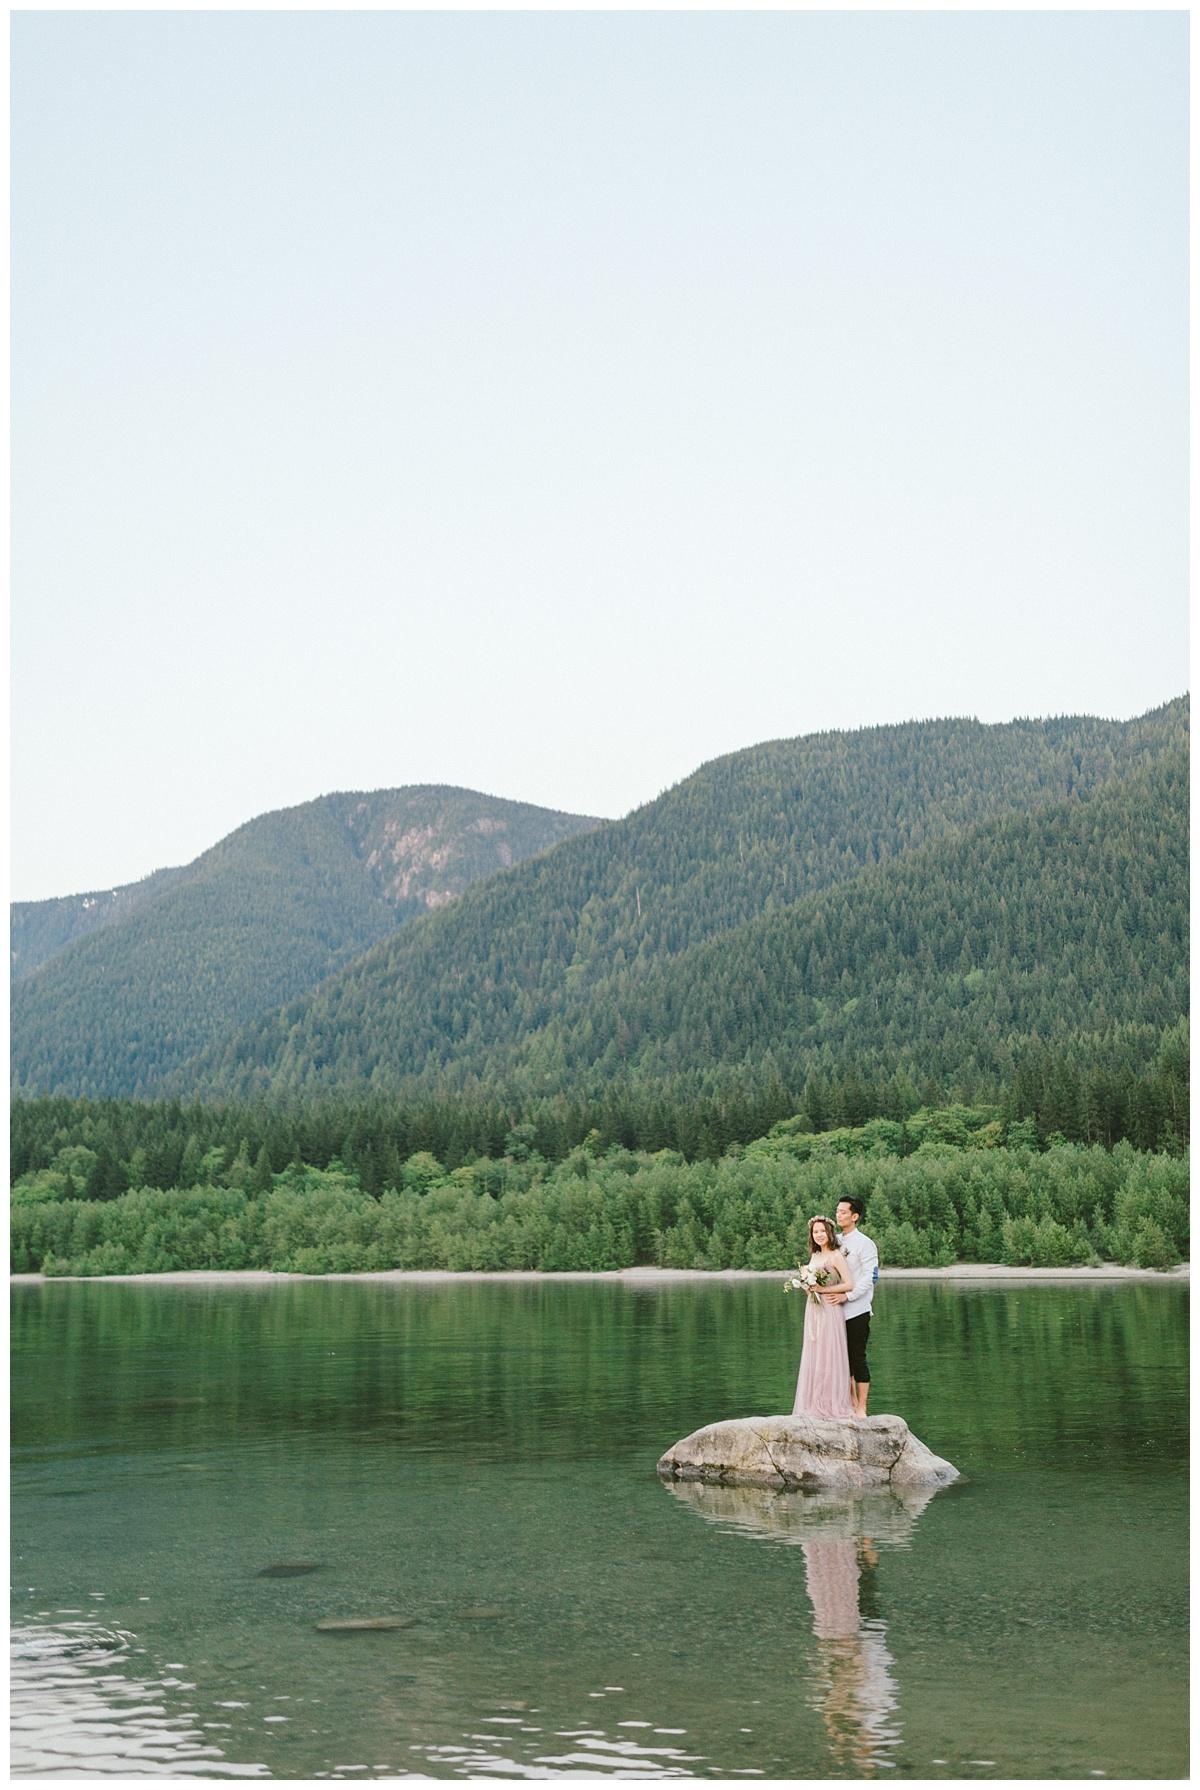 Mattie C. Hong Kong Vancouver Fine Art Wedding Prewedding Photographer27.jpg